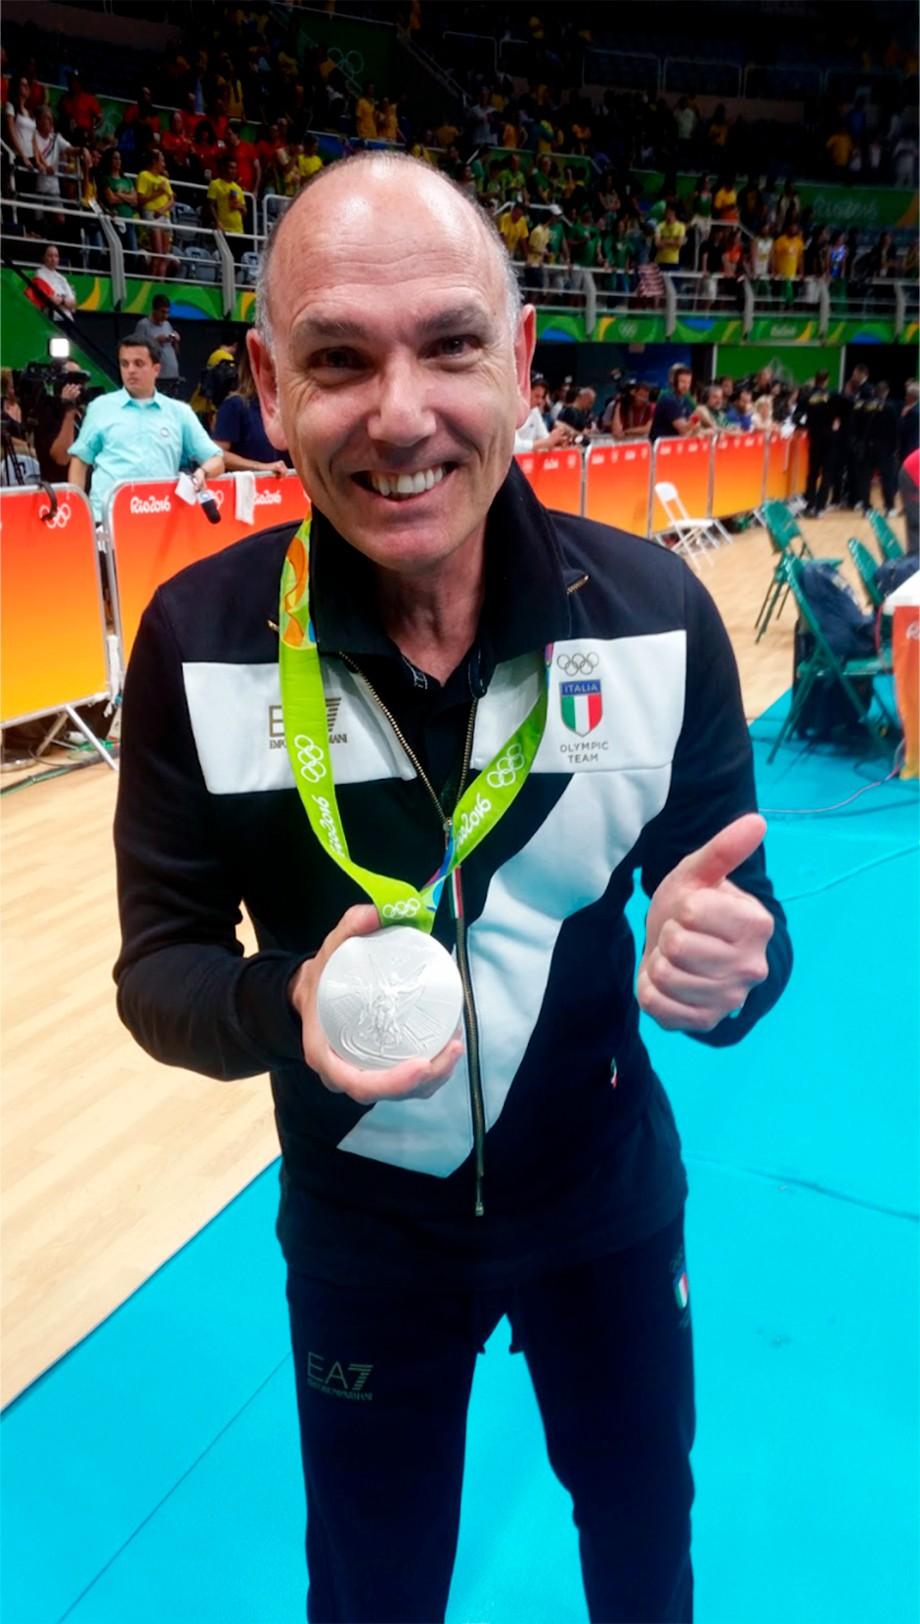 Олимпийское волейбольное серебро Джорджо Д'Урбано